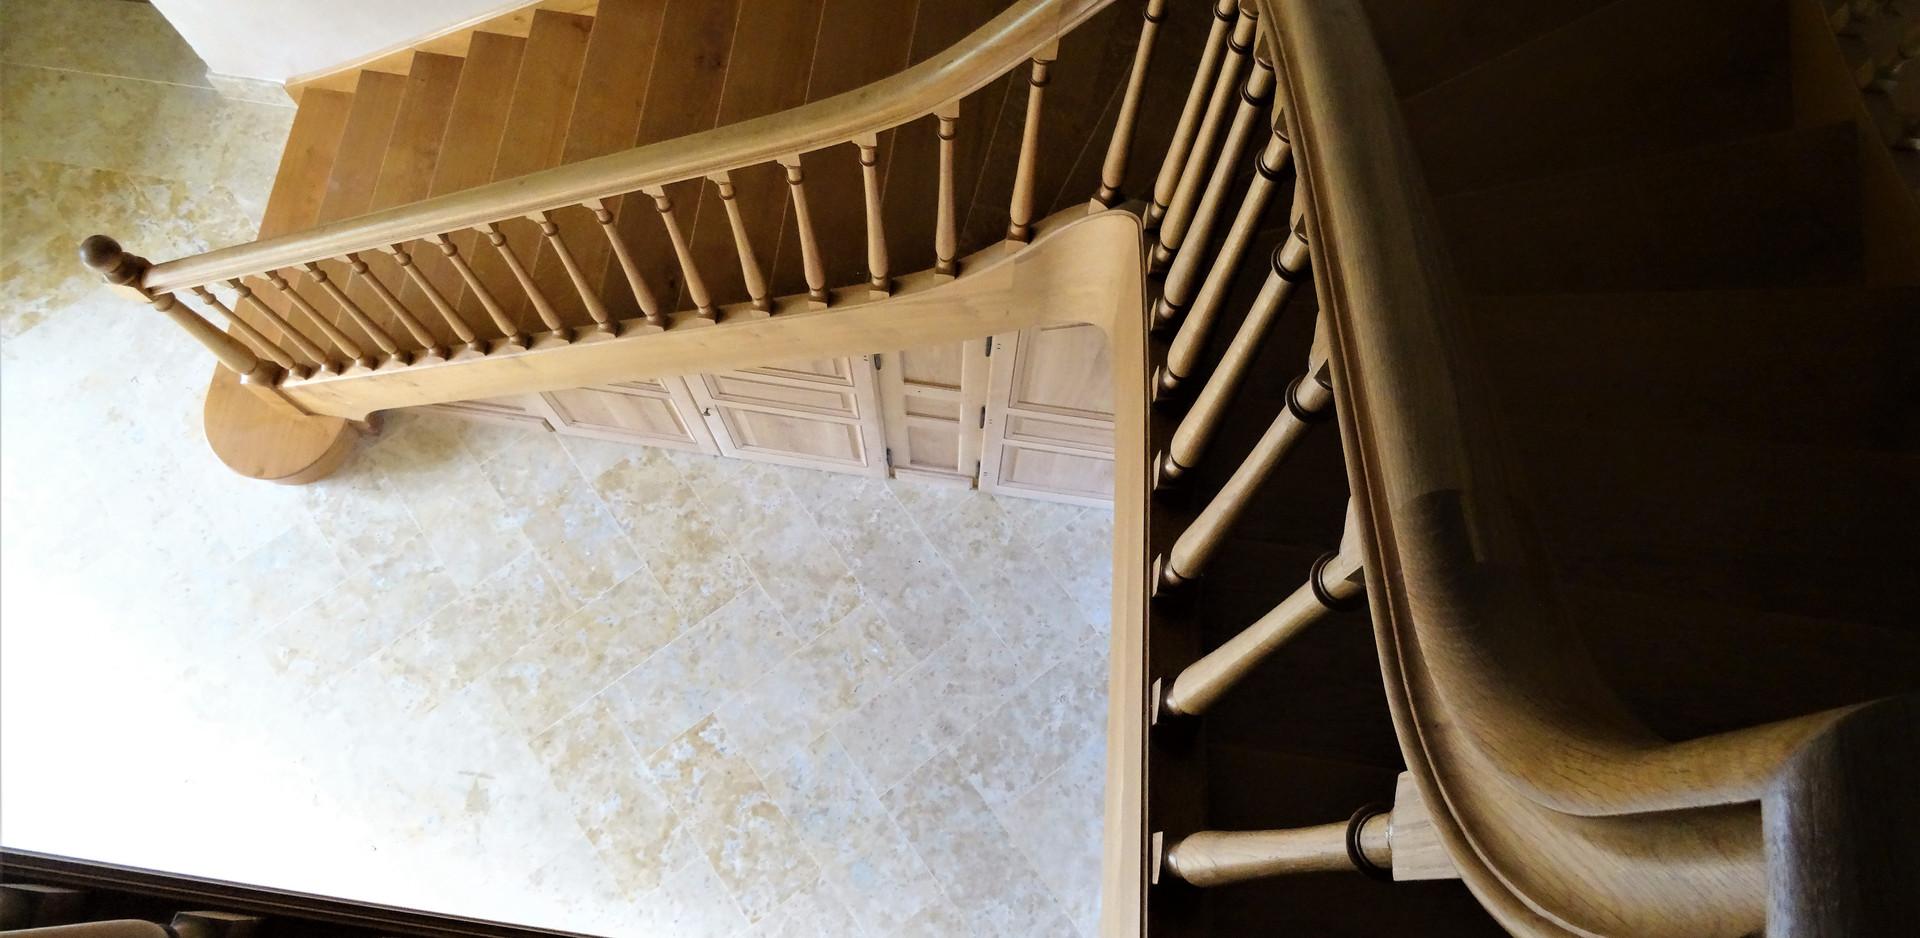 Escalier balancé, 1 quart tournant, noyau évidé. 24 marches, largeur 140 cm. Garde corp périphérique sur trémie. Balustres et poteaux tournés.